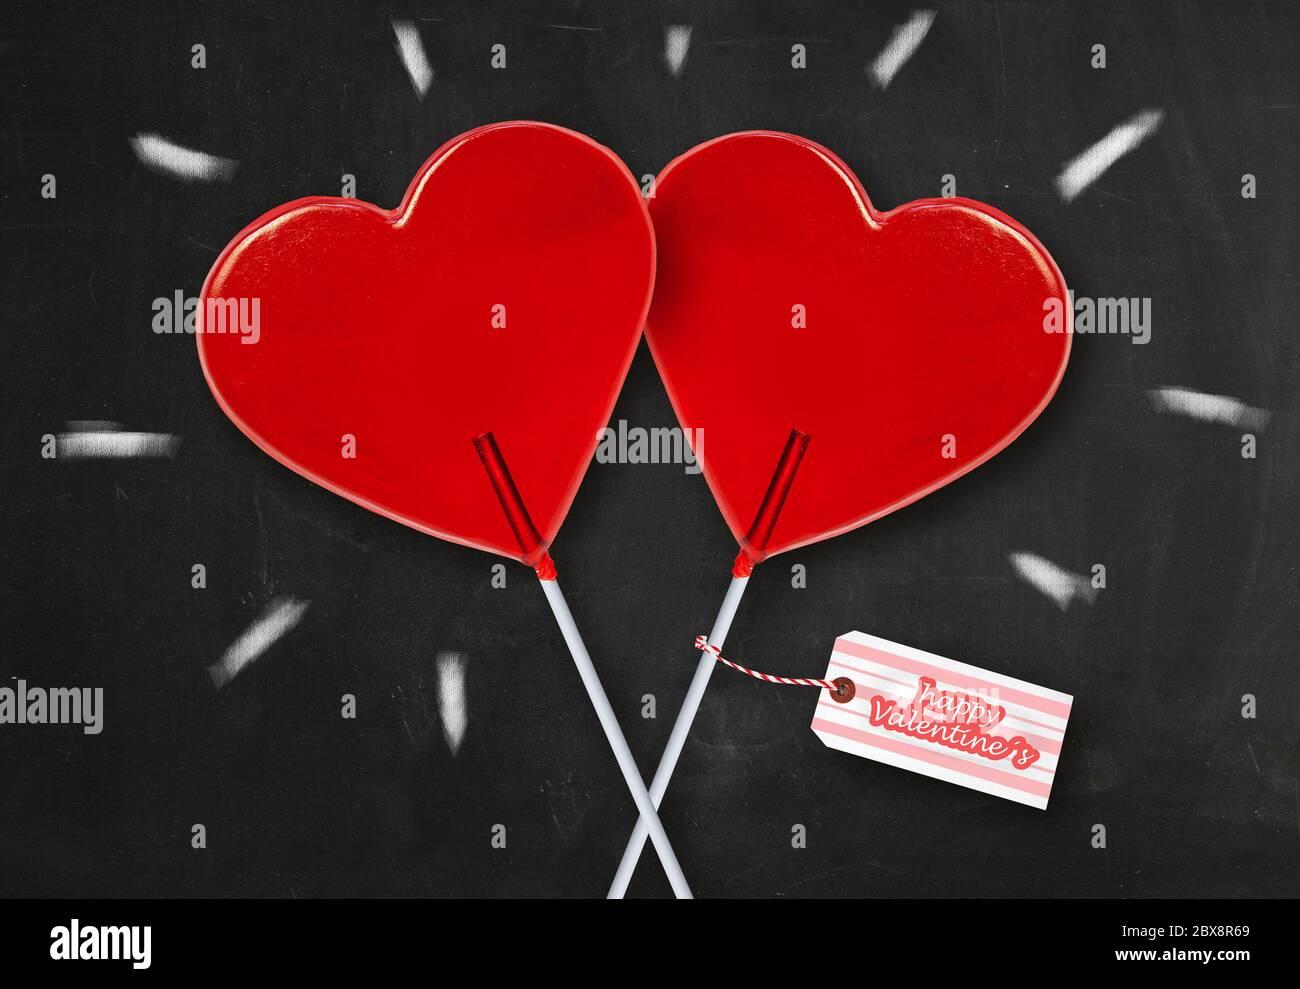 Papier mural carte de vœux de Saint-Valentin avec deux sucettes en forme de coeur rouge isolées sur un tableau noir avec des étincelles à la craie célébrant le romanti Banque D'Images